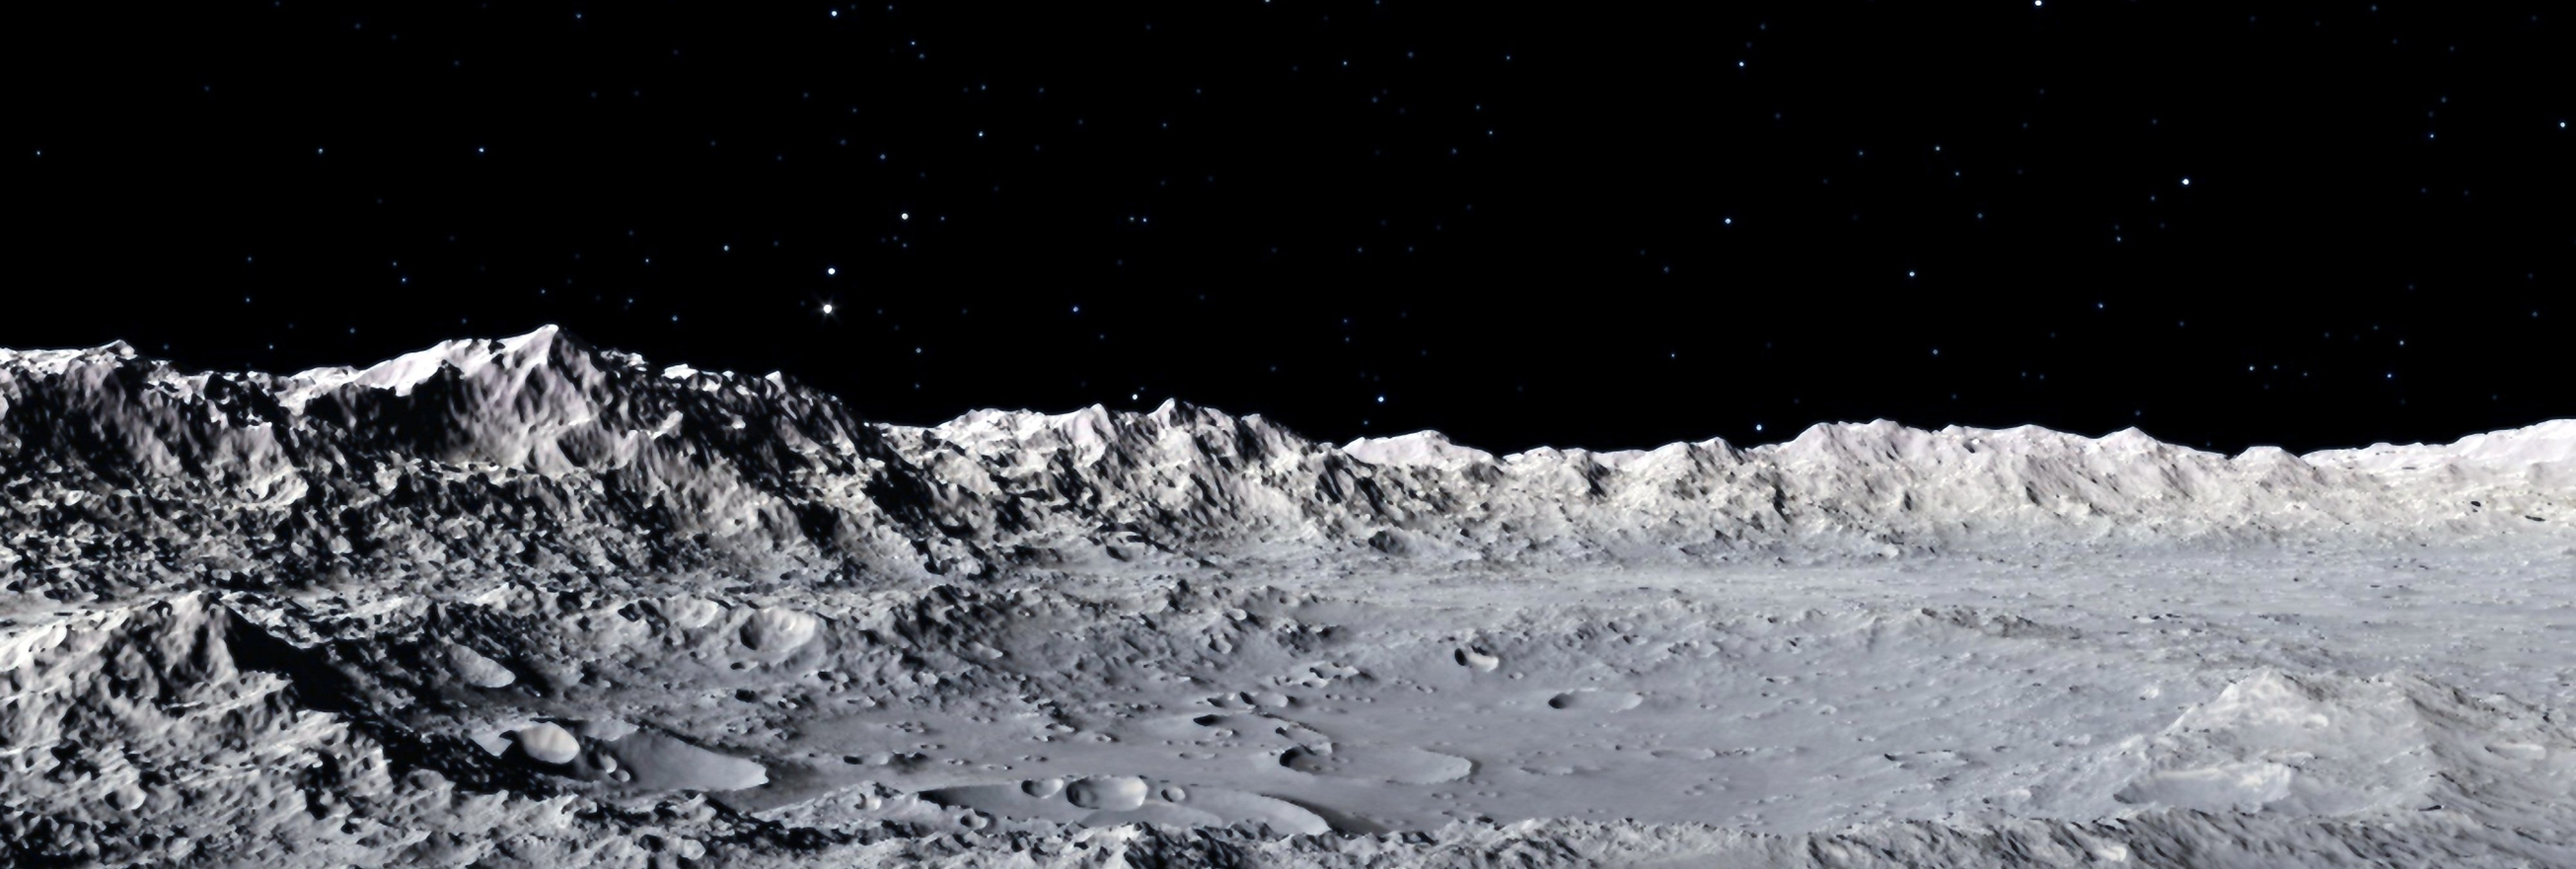 Un miembro de la CIA revela que la Luna está habitada por 250 millones de seres en su subsuelo